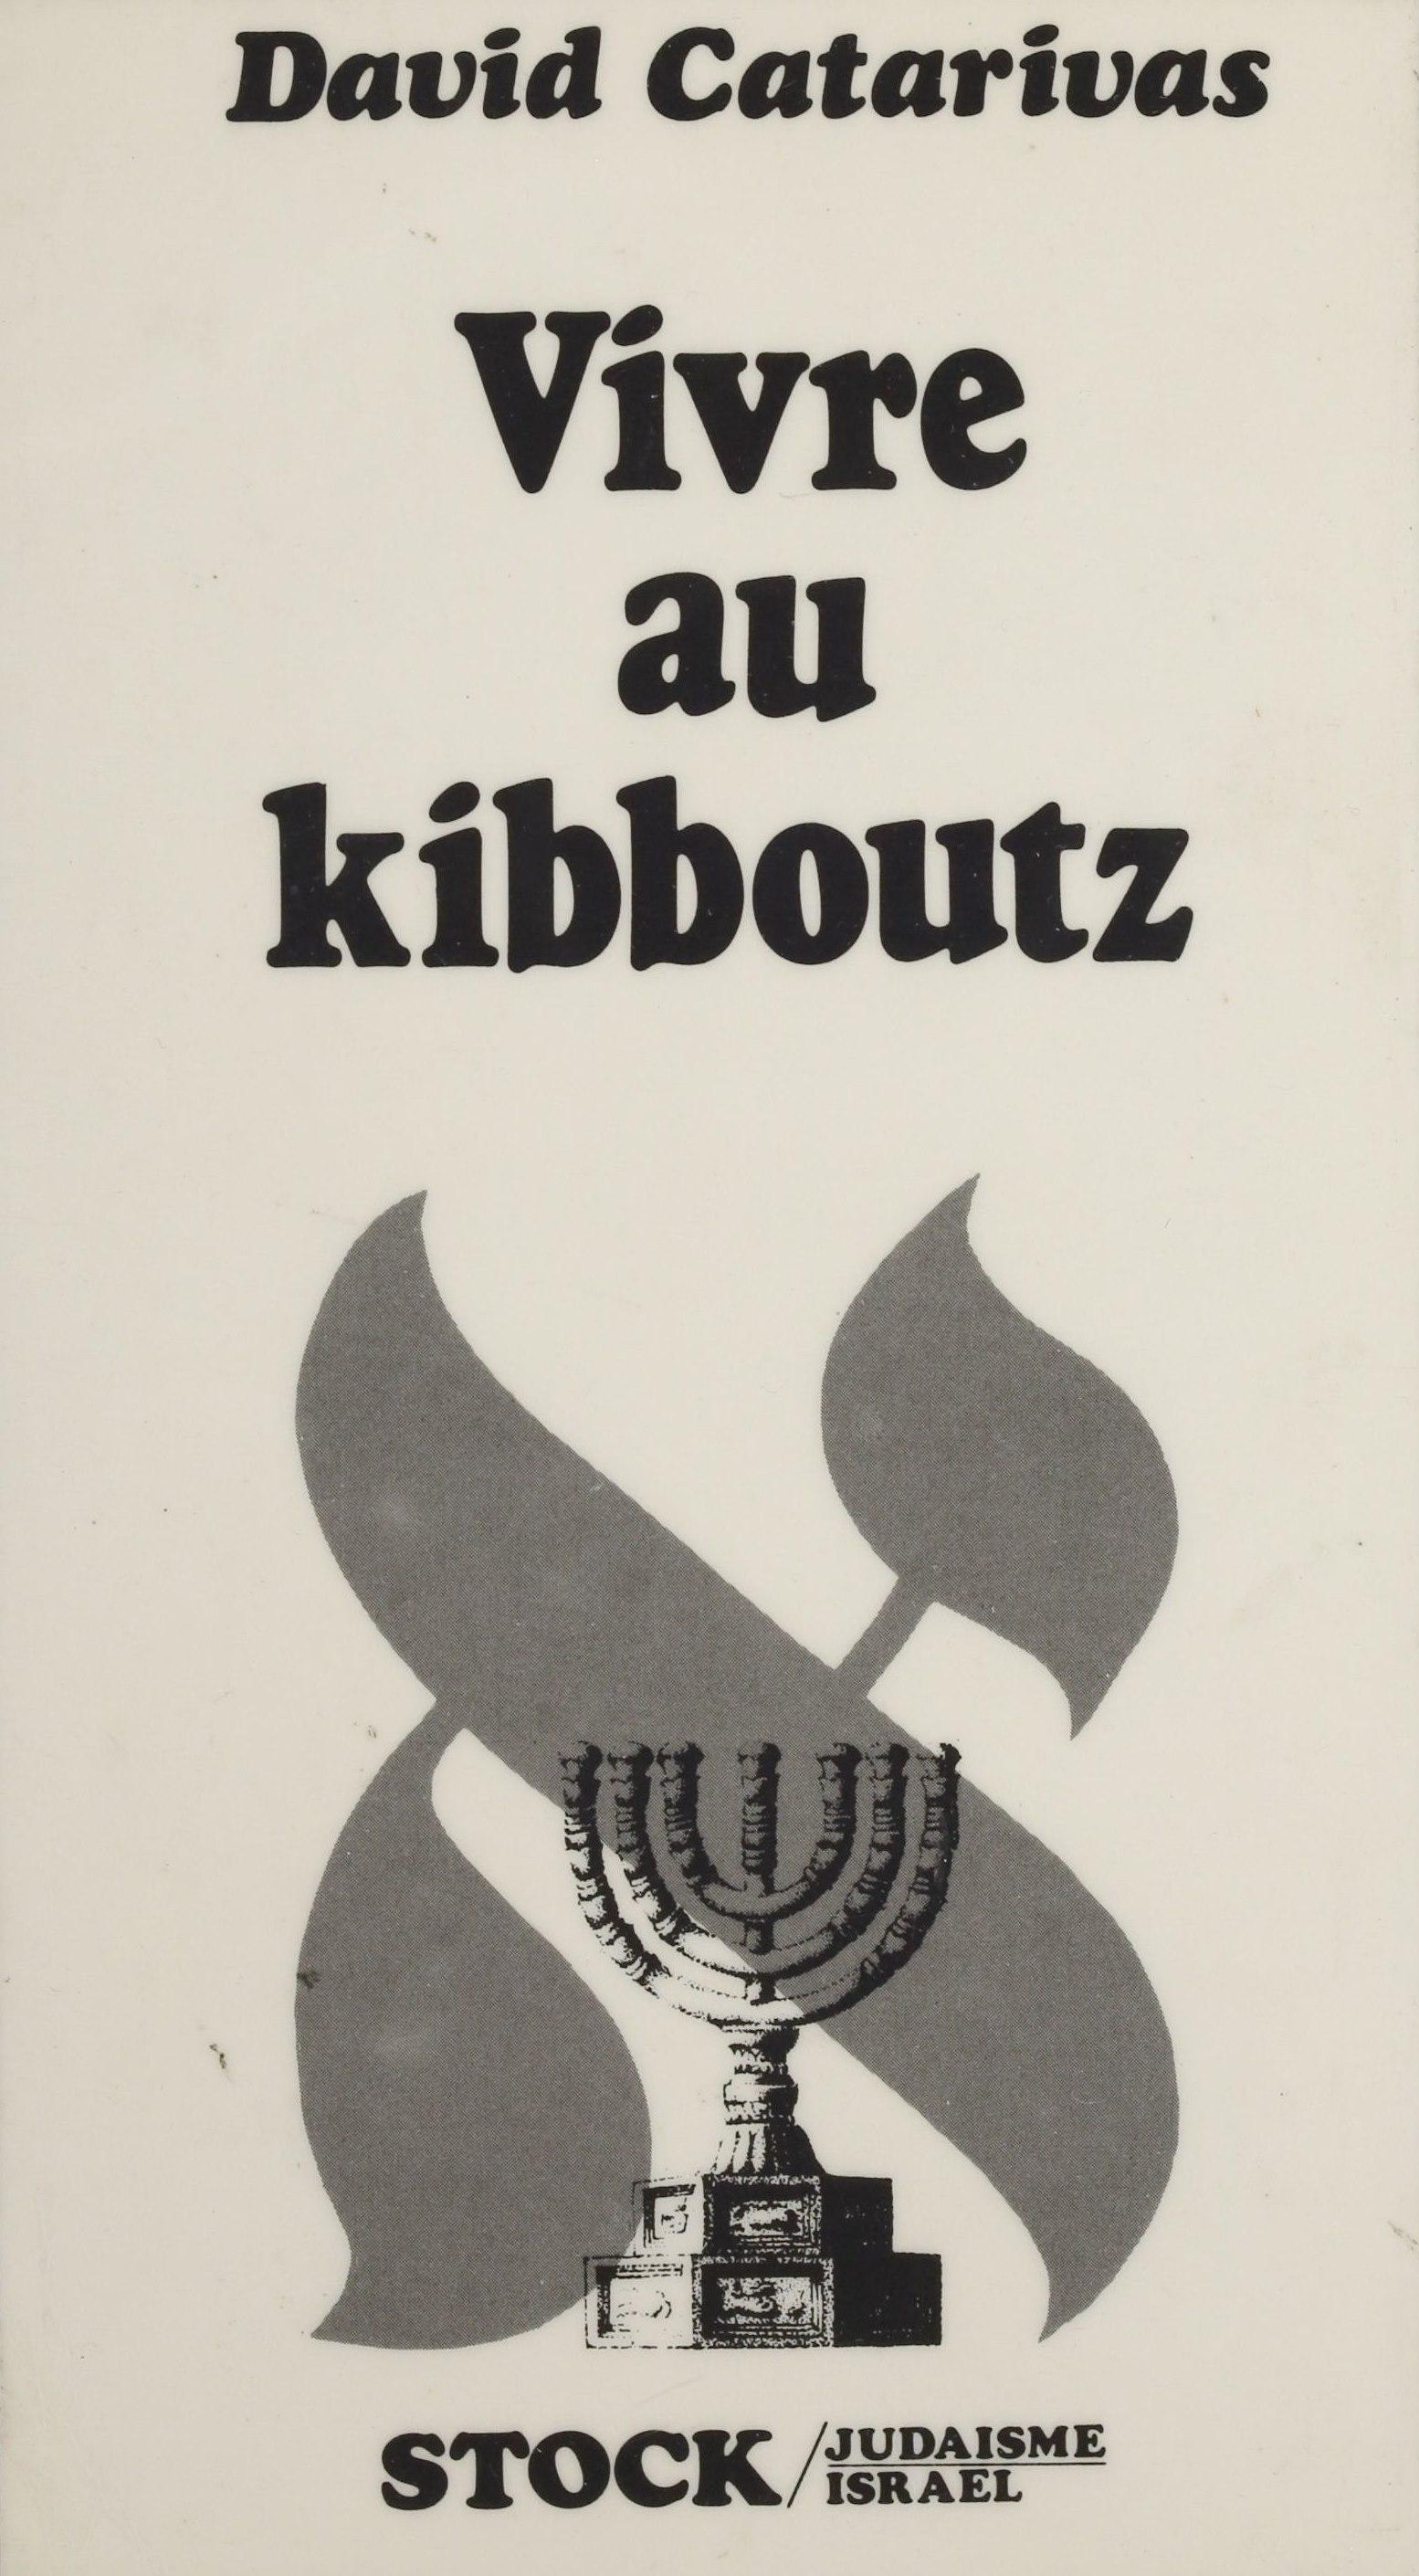 Vivre au kibboutz